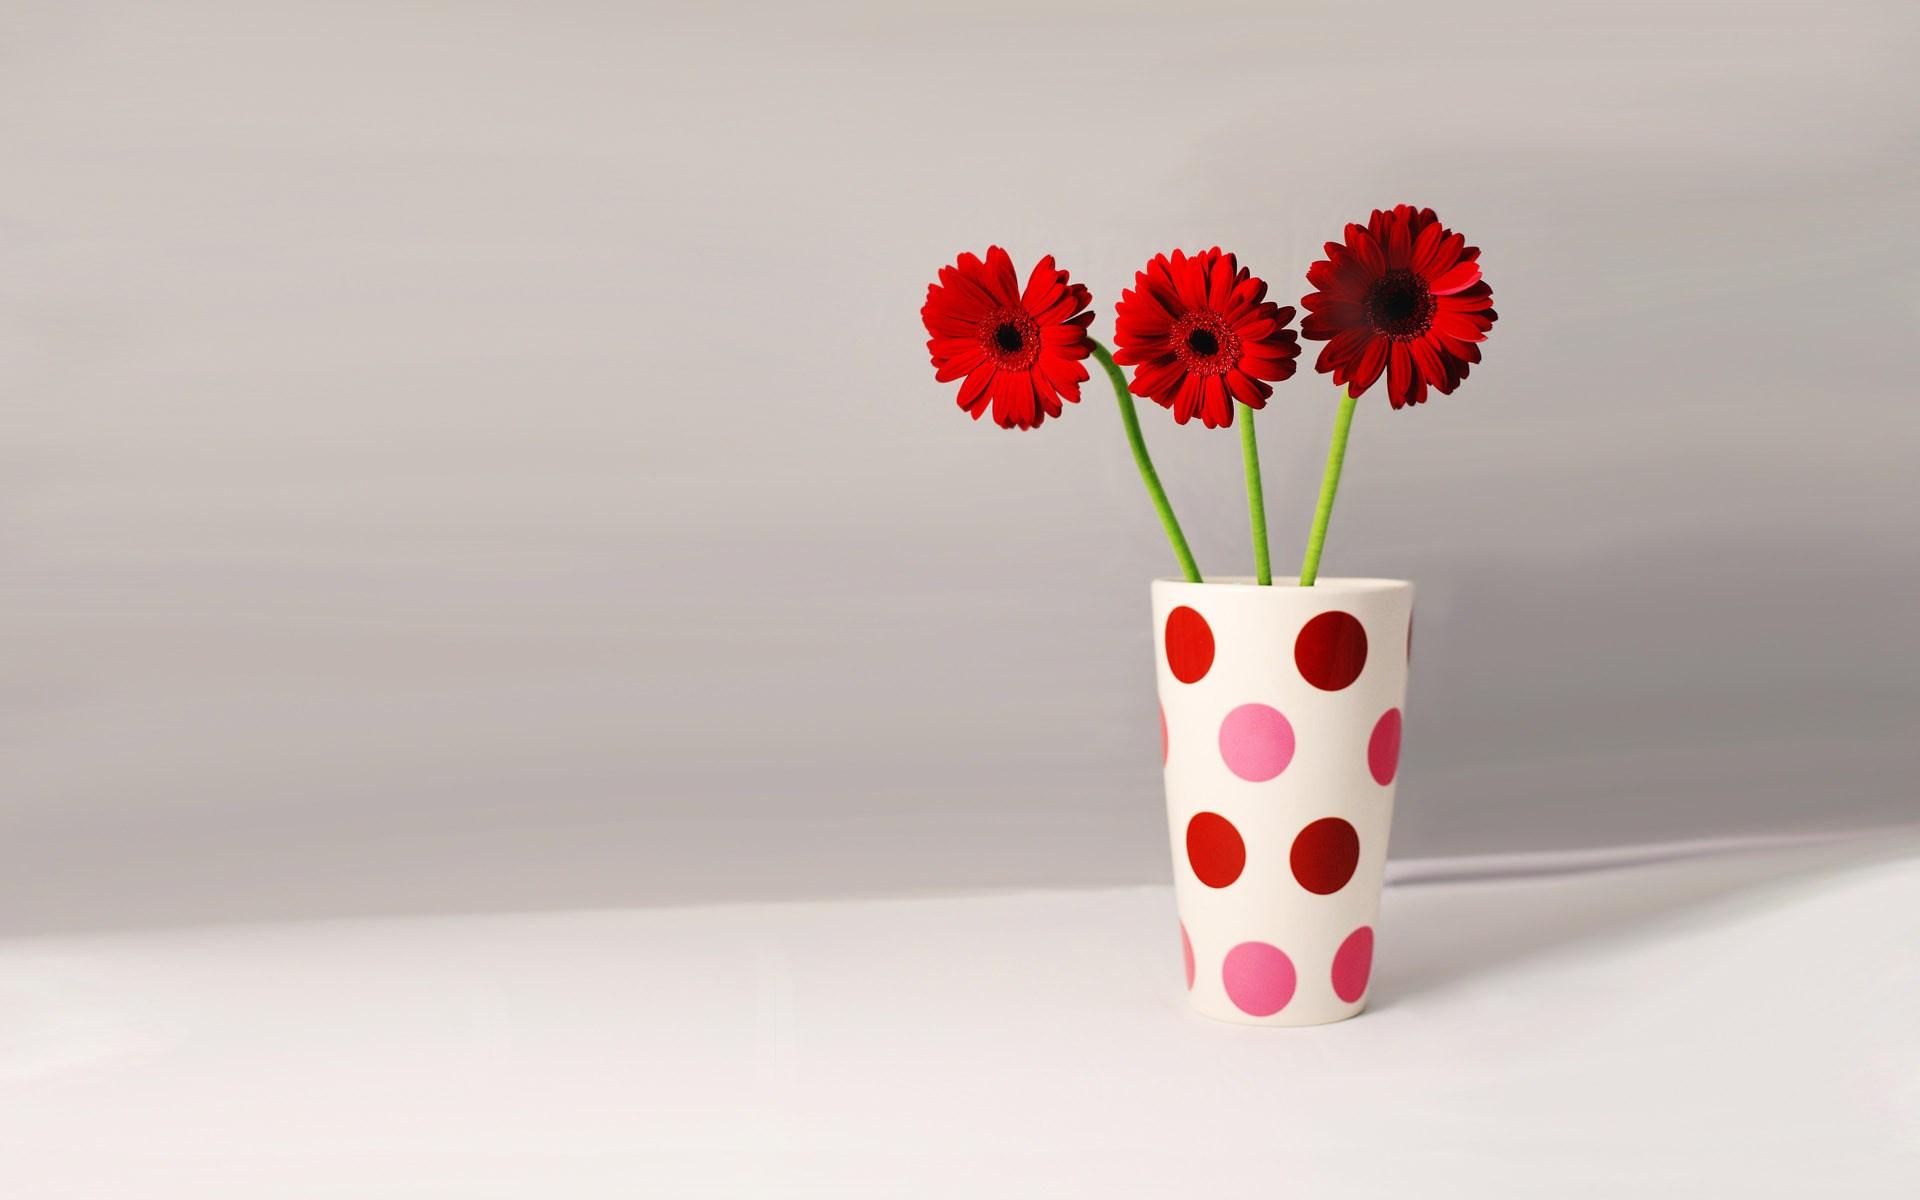 gerberas petals red cup flowers vase 1920x1200